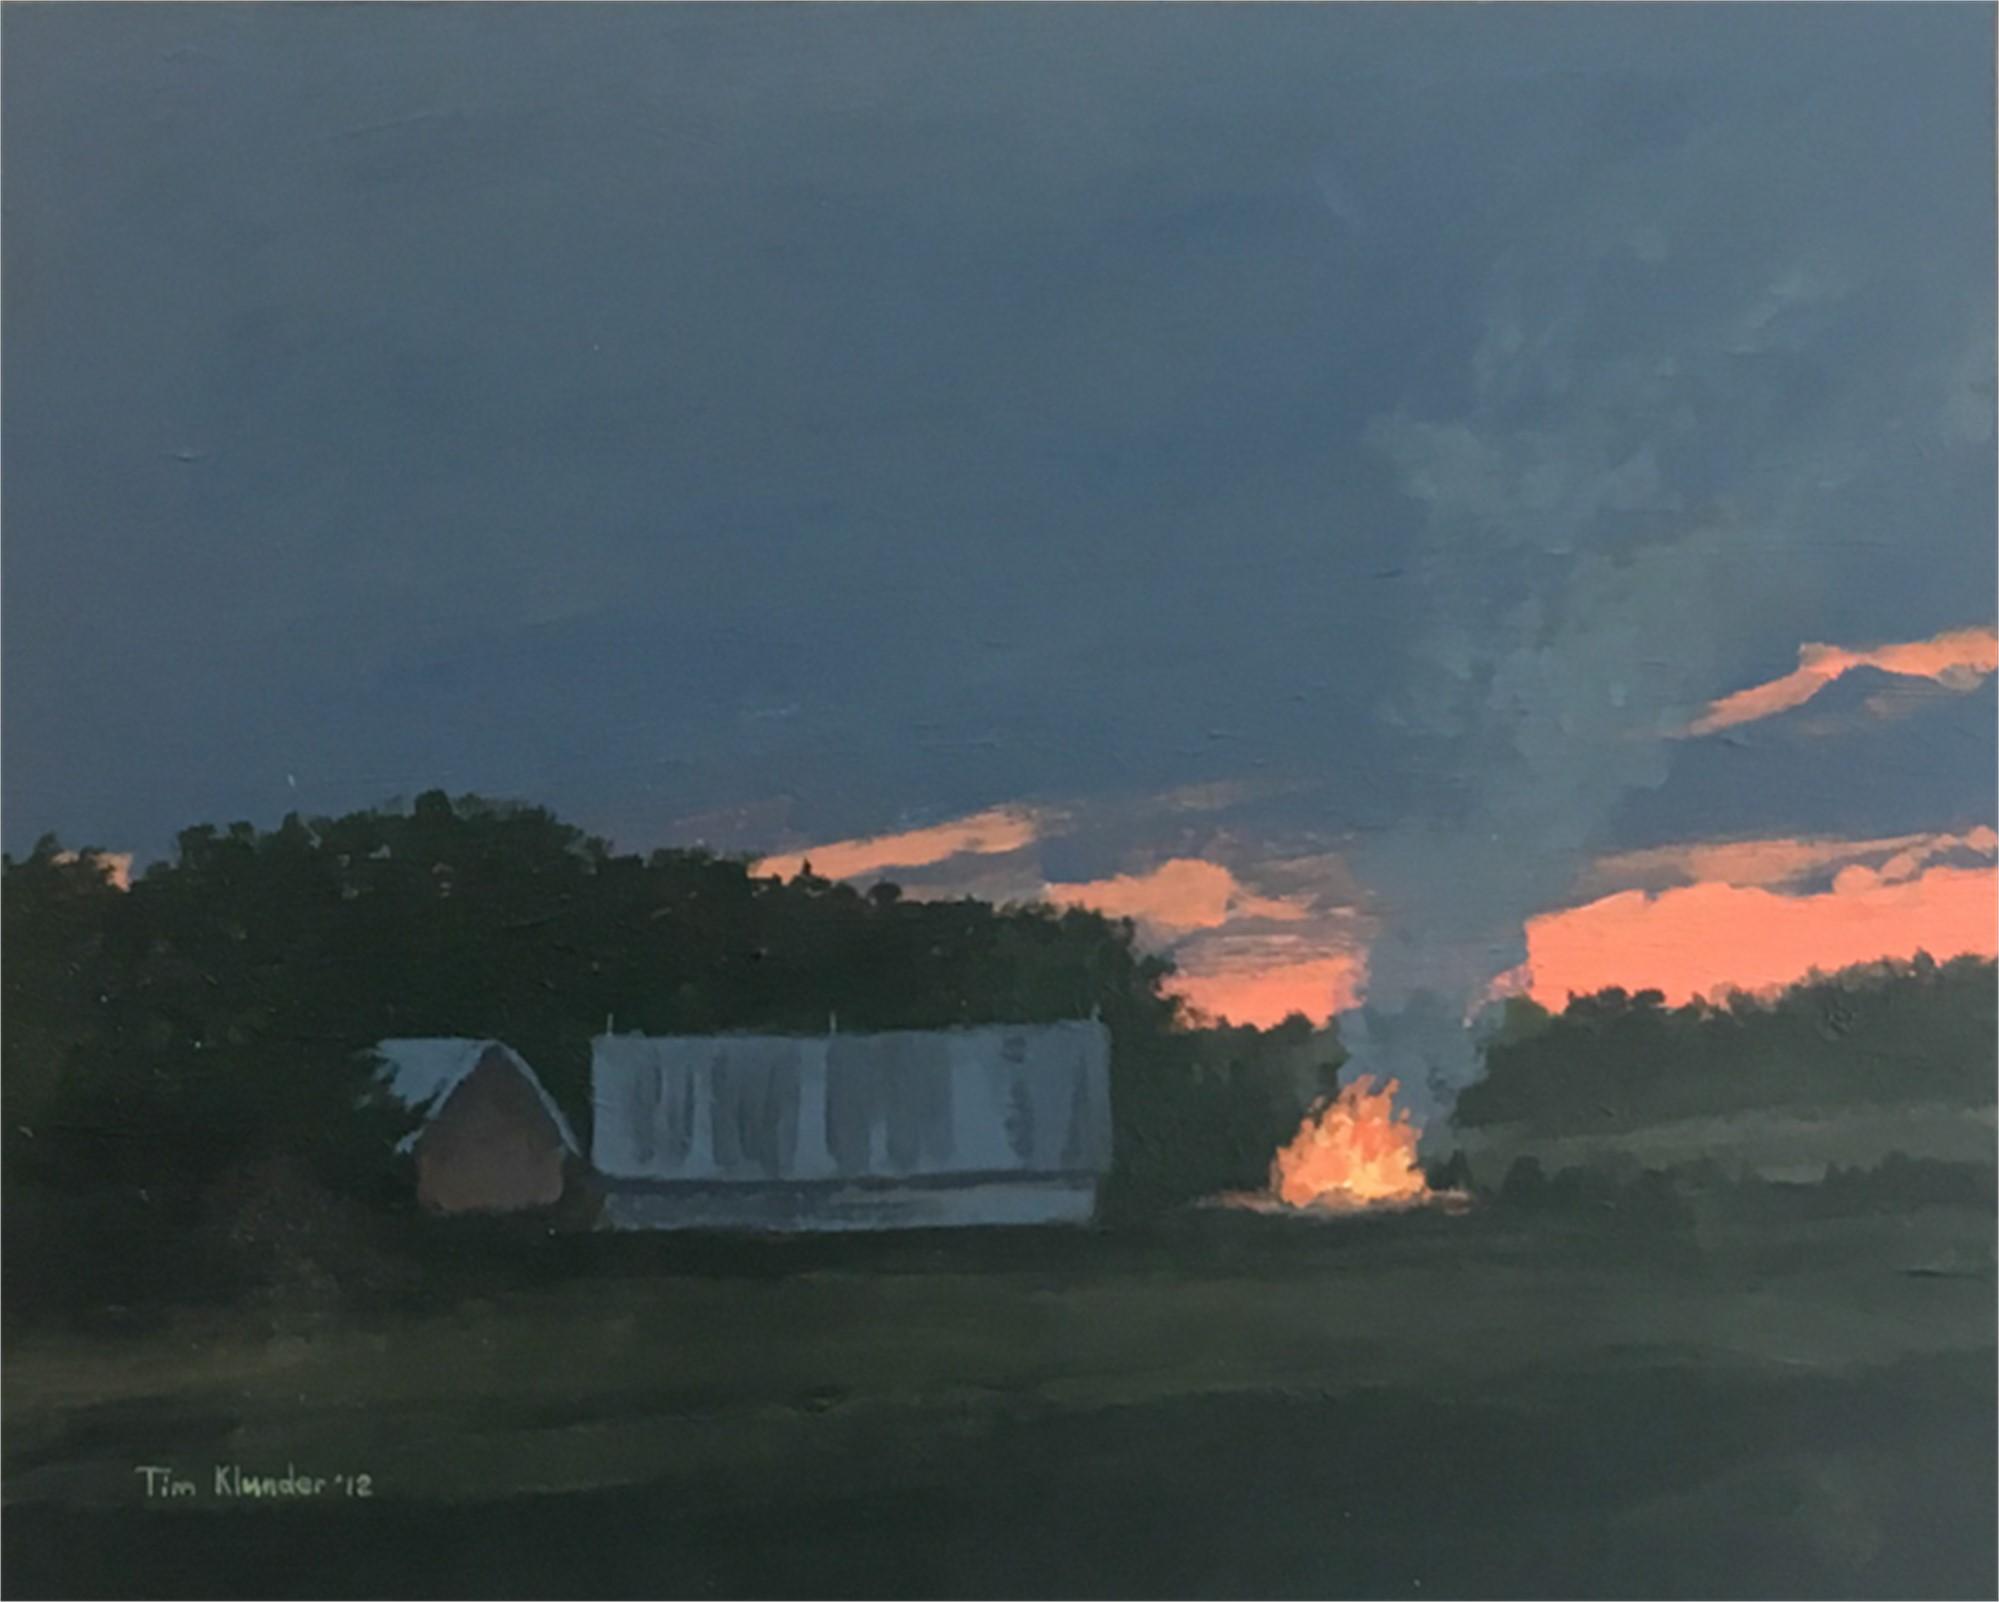 Cut Brushfire, Dusk by Tim Klunder